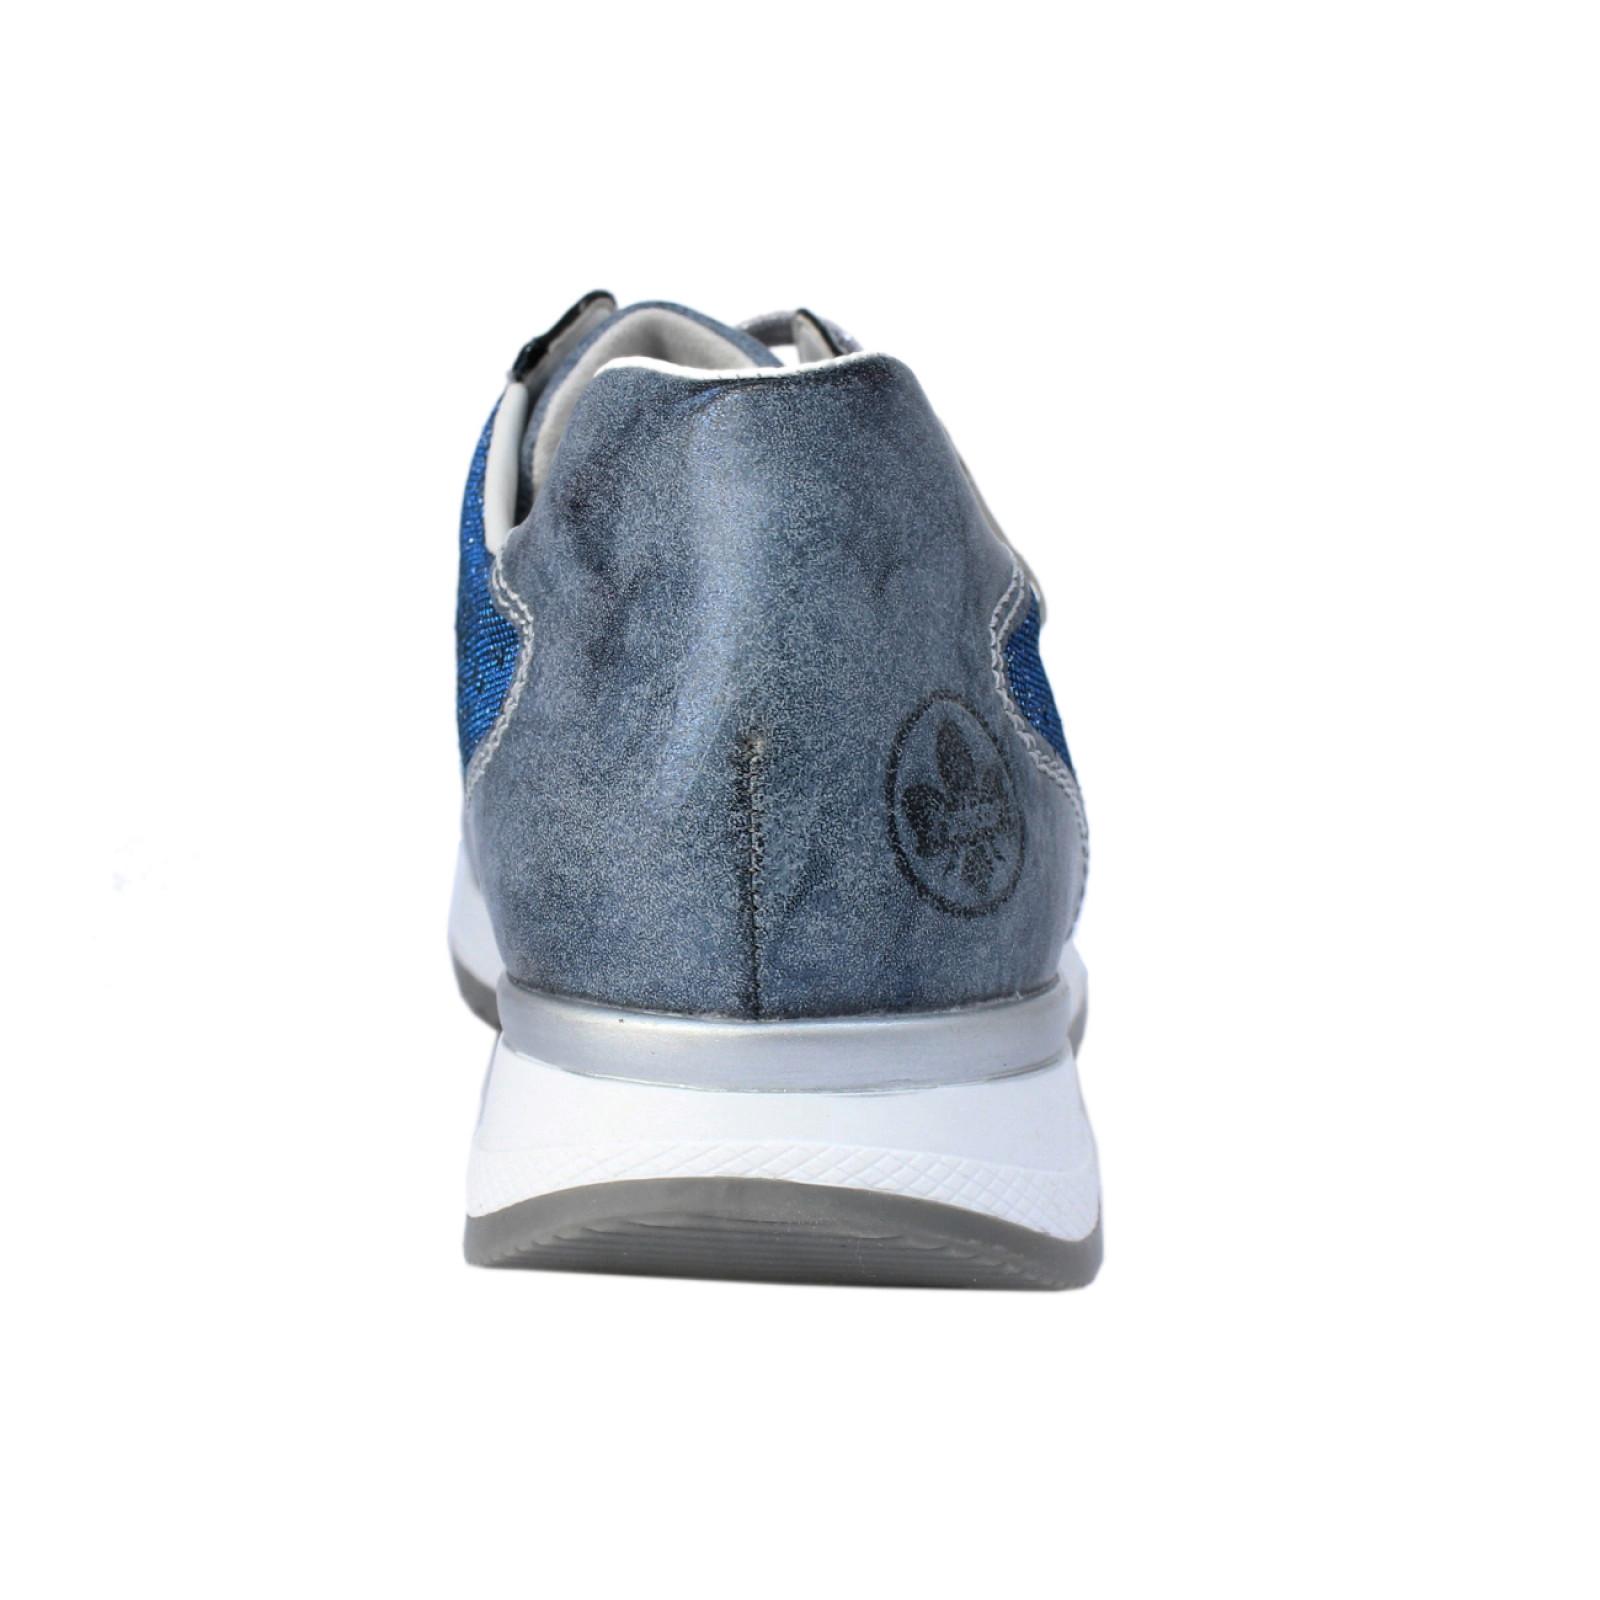 Rieker női sportos fűzős cipzáras félcipő N7025 14 Guamo kék